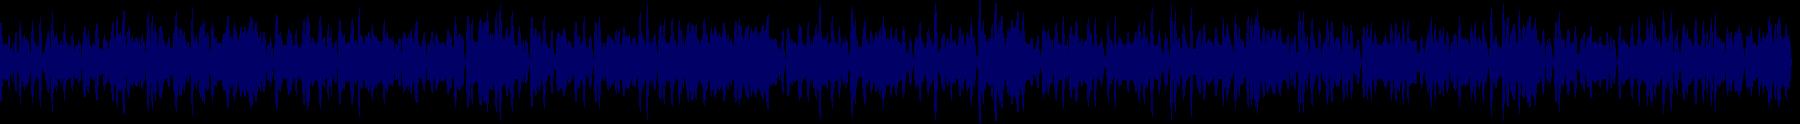 waveform of track #86654